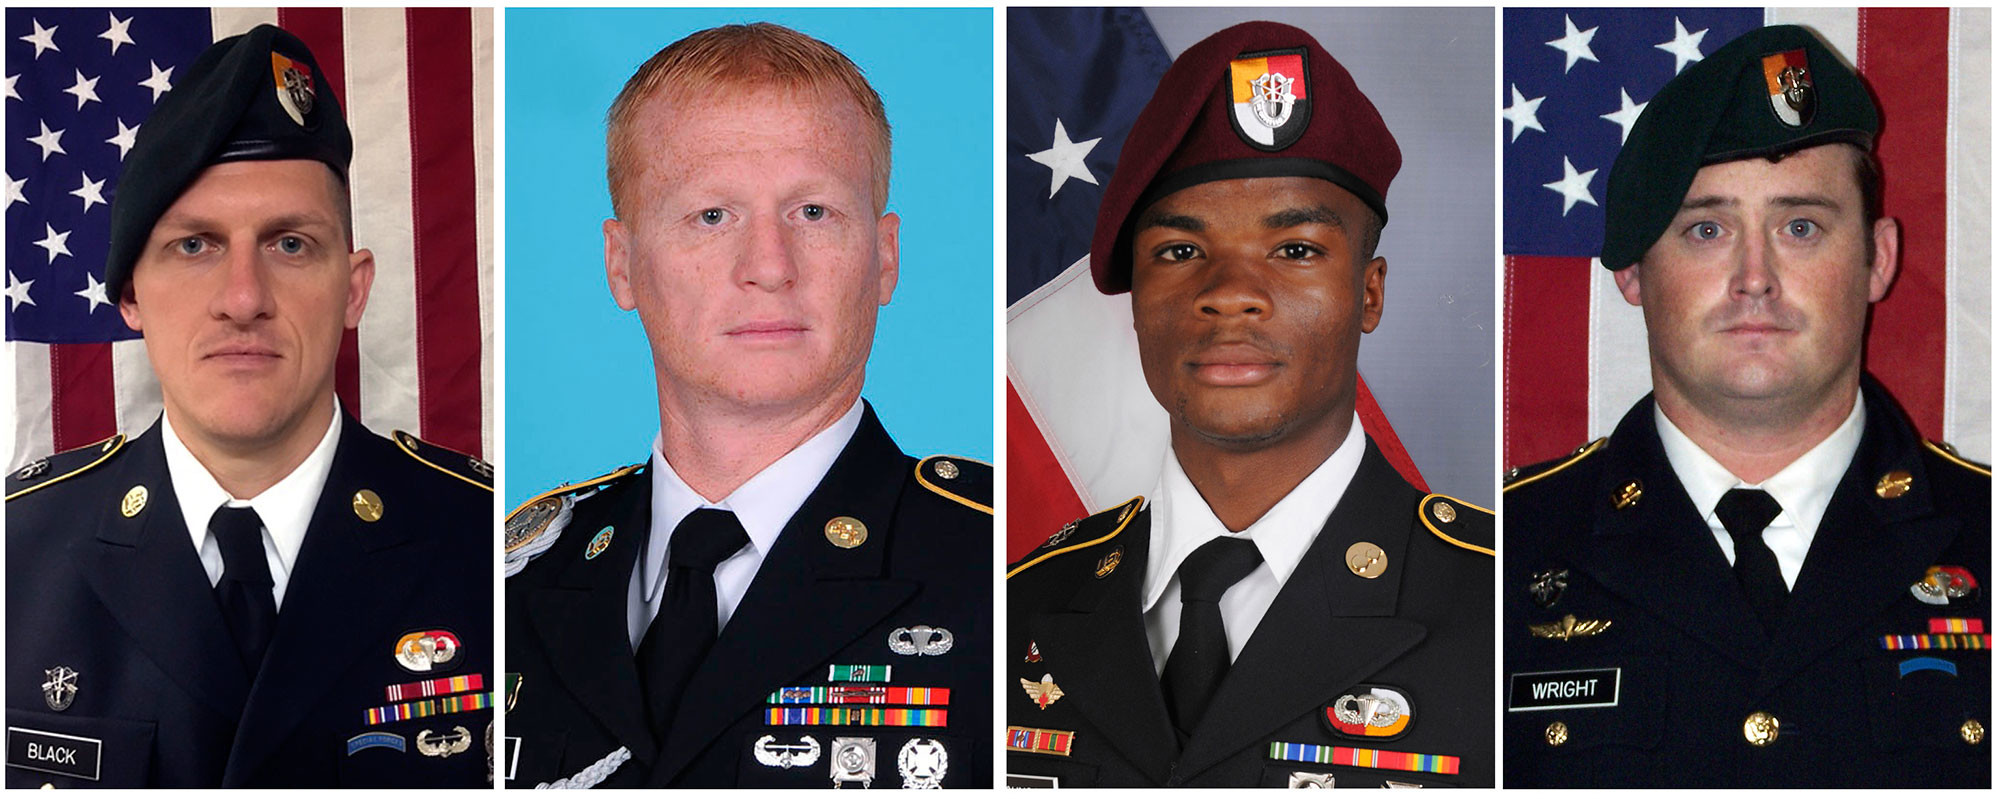 """Штаб-сержант Брайан Блэк, штаб-сержант Джеремайя Джонсон, сержант Ла Дэвид Джонсон, сержант Дастин М. Райт. Все четверо были убиты в Нигере, когда совместный патруль американских и нигерских сил попал в засаду боевиков, предположительно, связанных с группировкой """"Исламское государство"""". Фото: © U.S. Army via AP"""